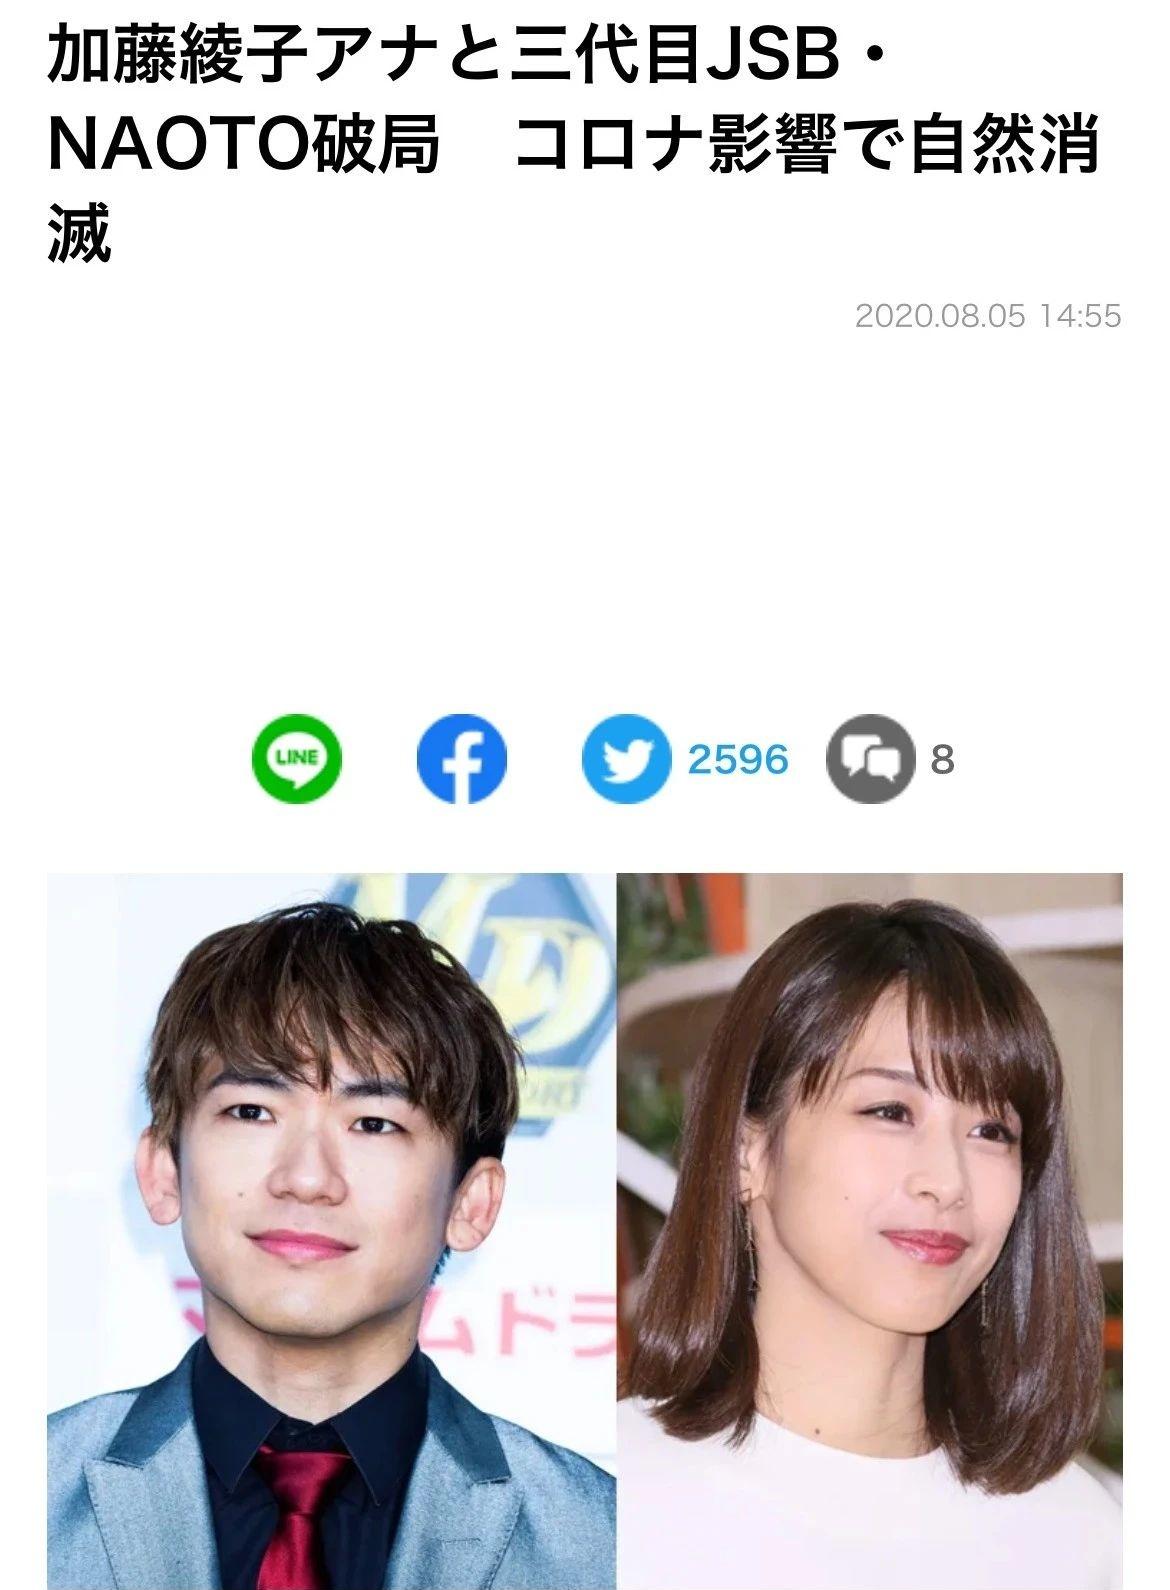 已经提交结婚申请的加藤绫子在印象中好像刚刚分手吧! (8)